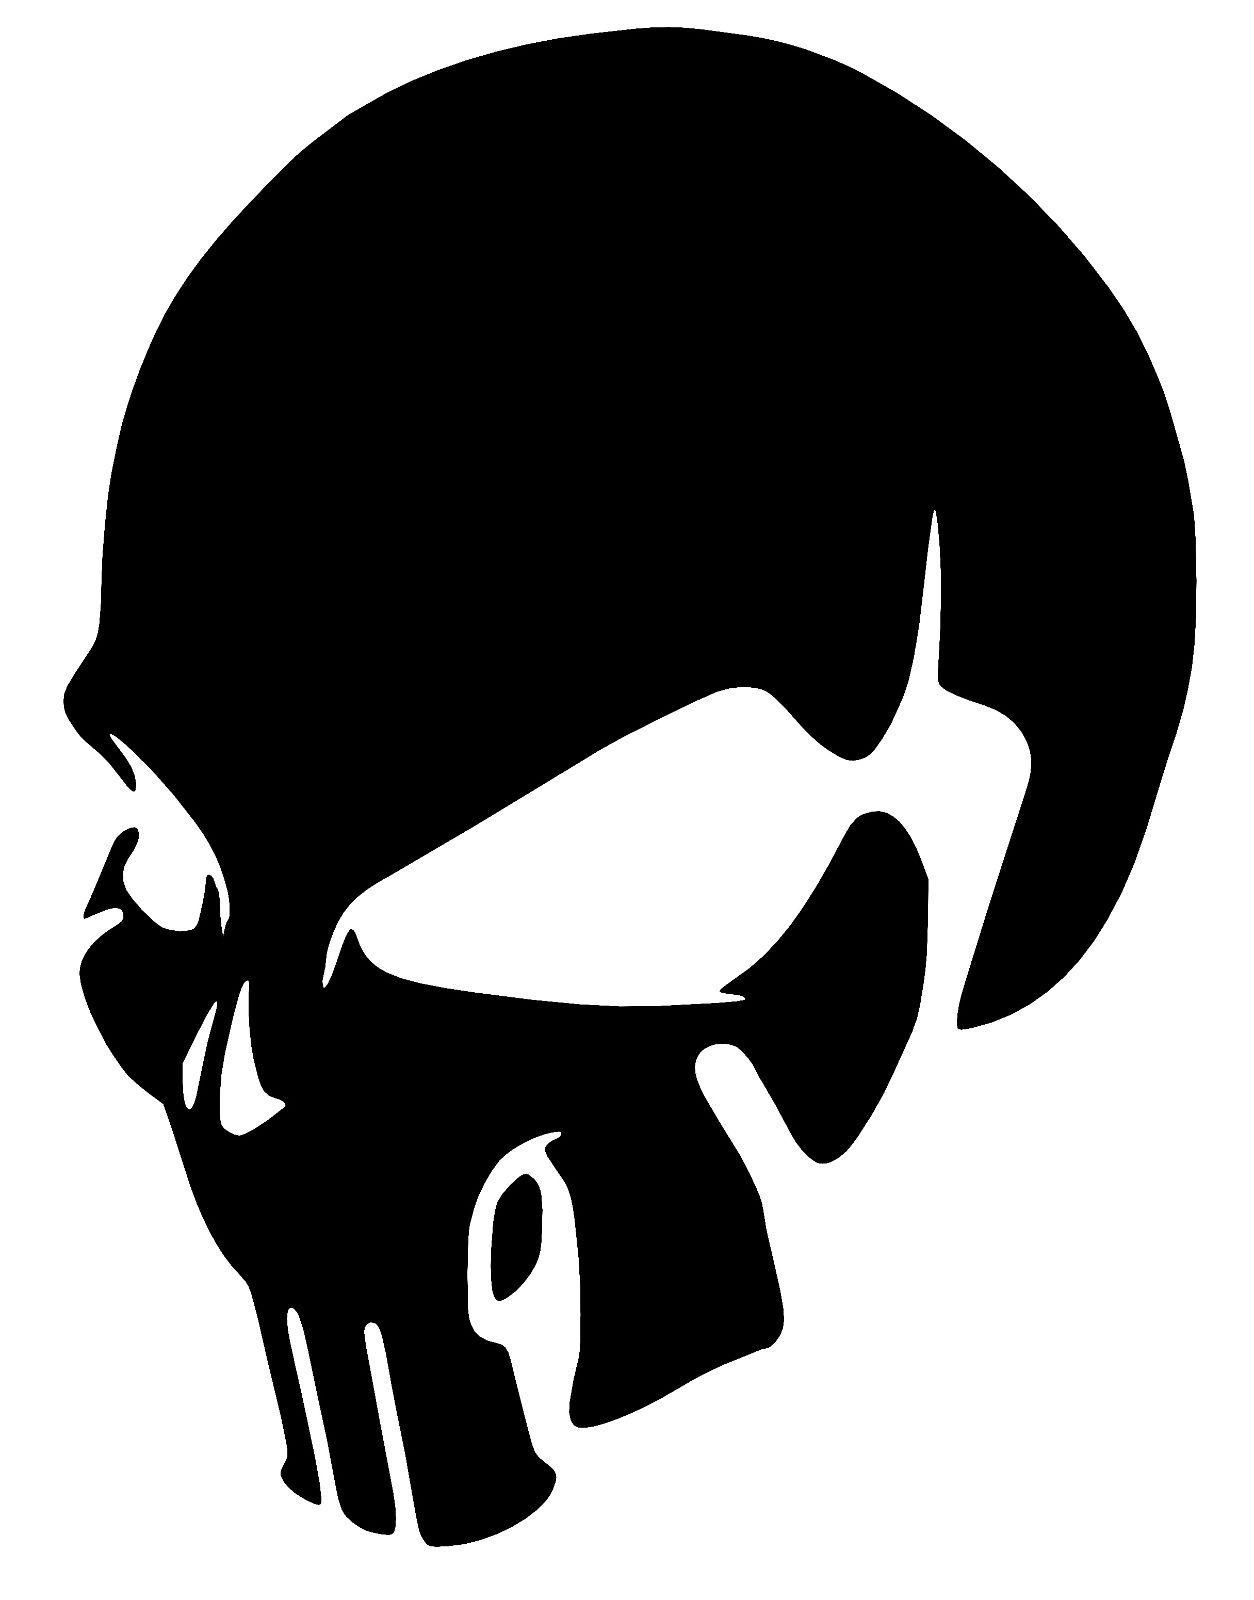 Details About Skull Punisher Vinyl Decal Sticker Window